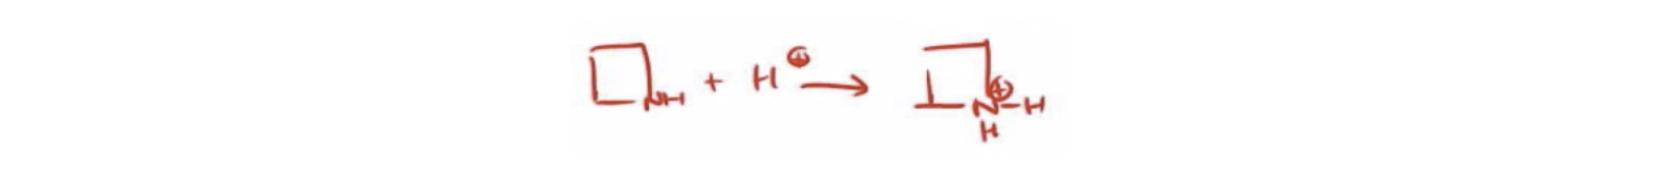 Protonated-Amine